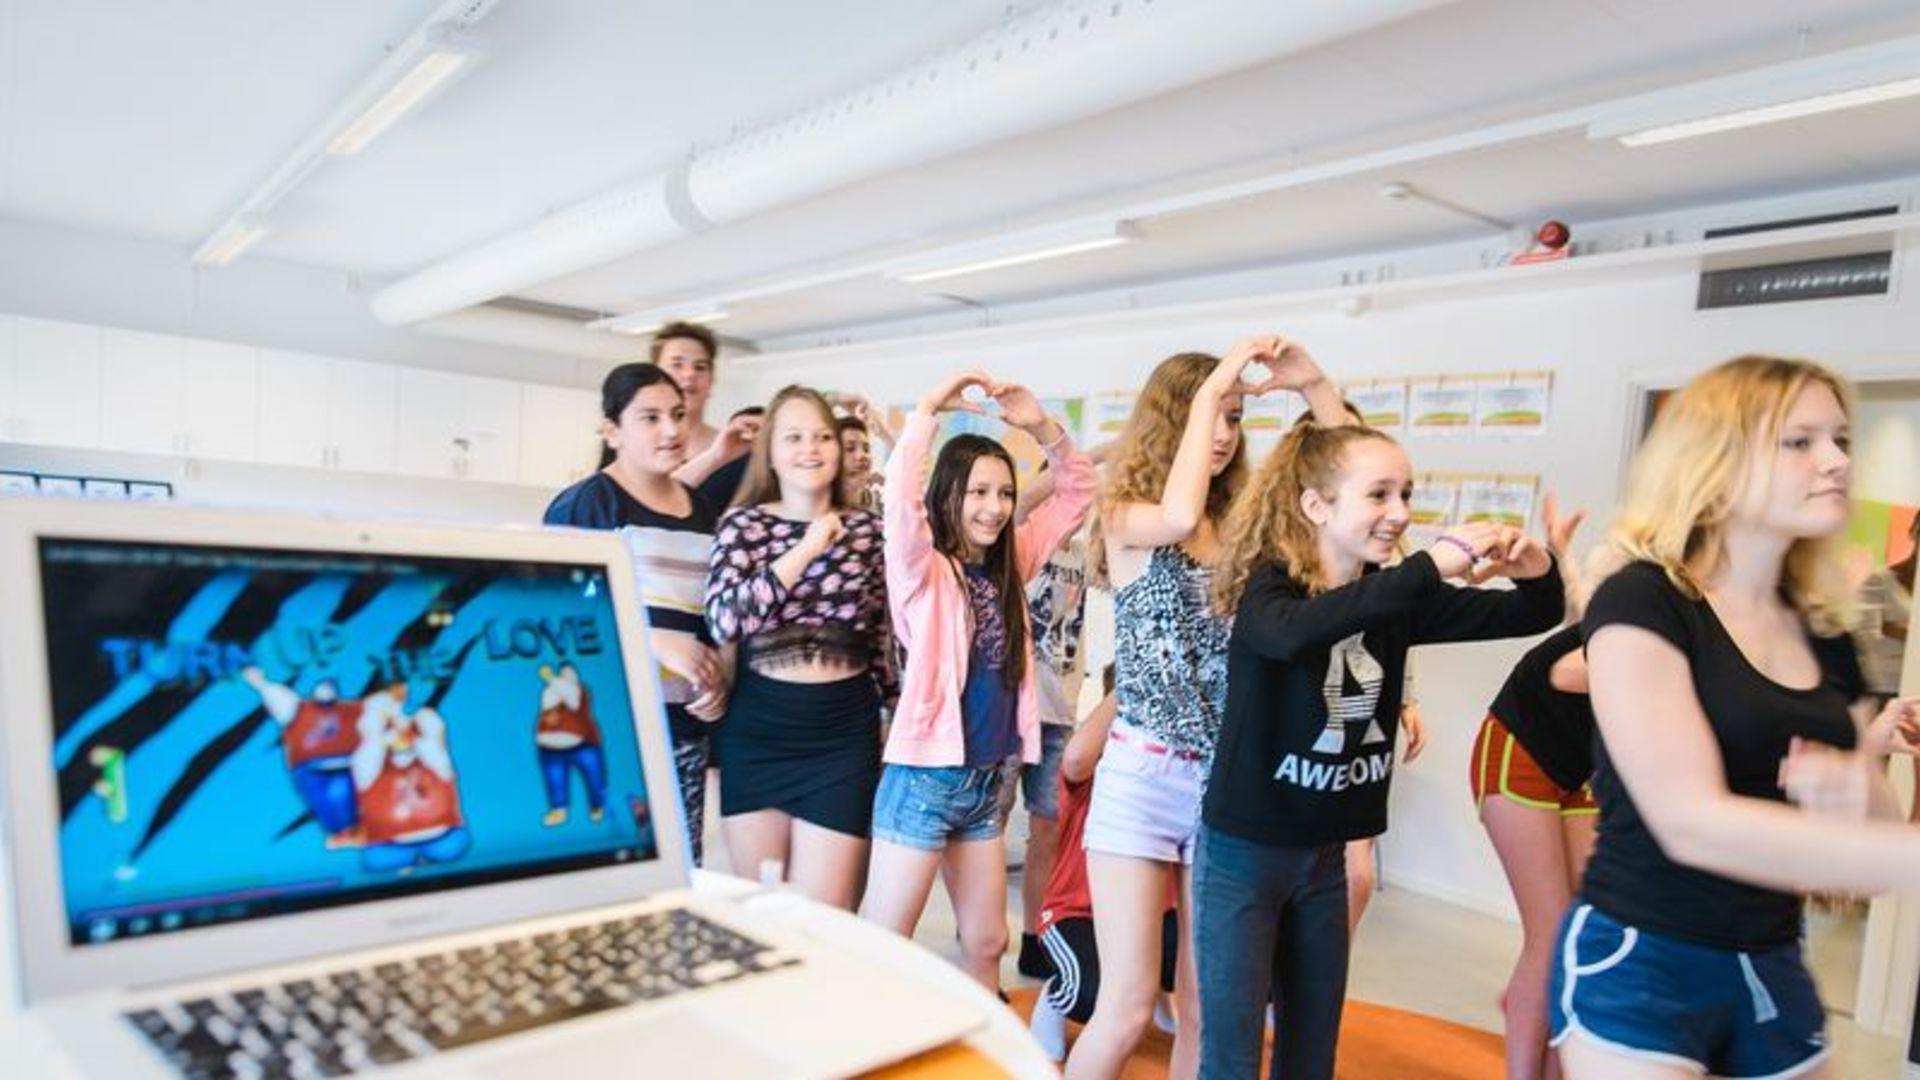 Erlaskolan Östra uppmärksammar Generation Peps satsning Dance 10. 000